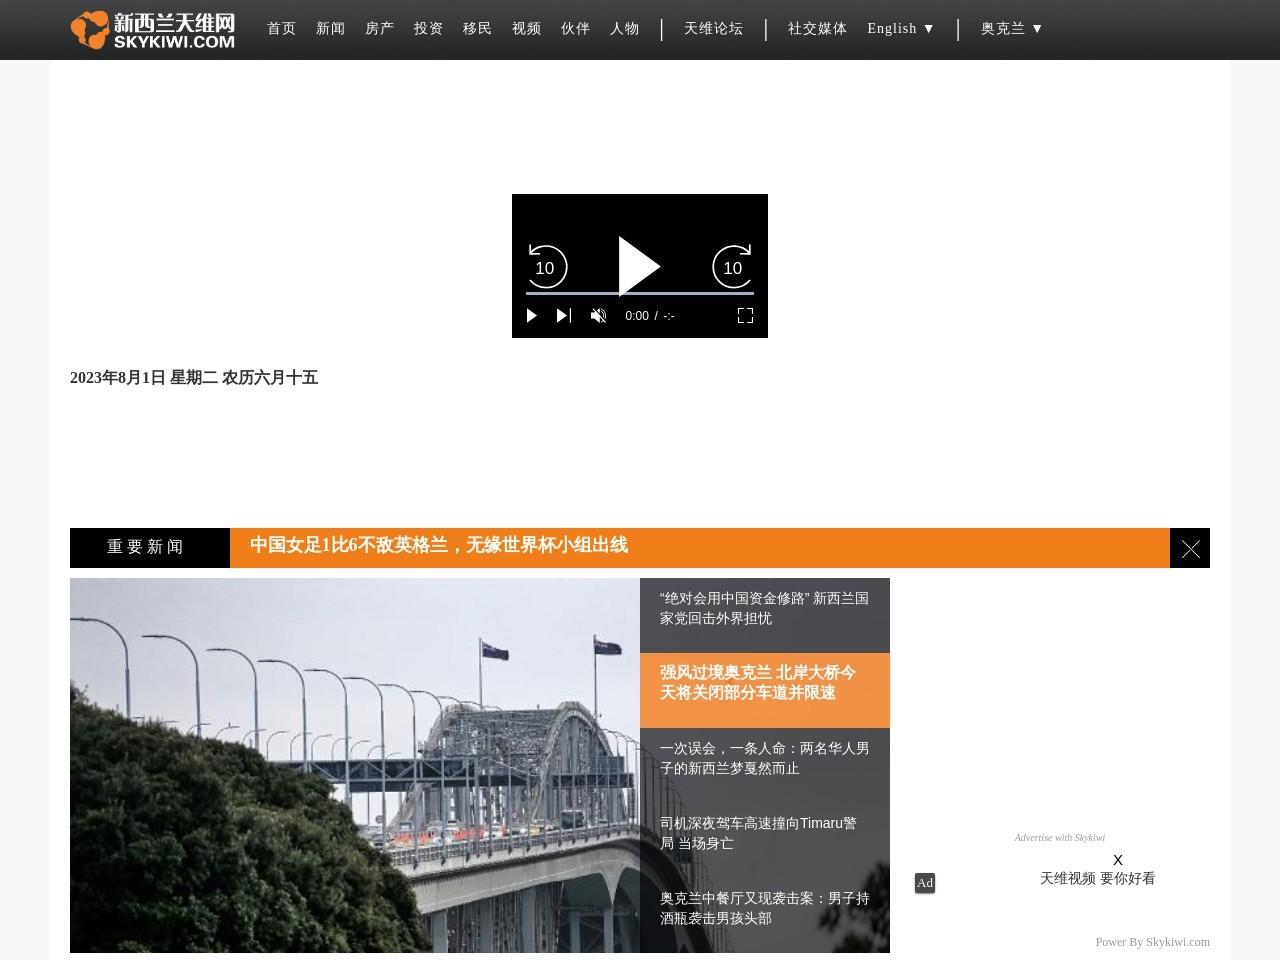 新西兰天维网_新西兰中文网络门户